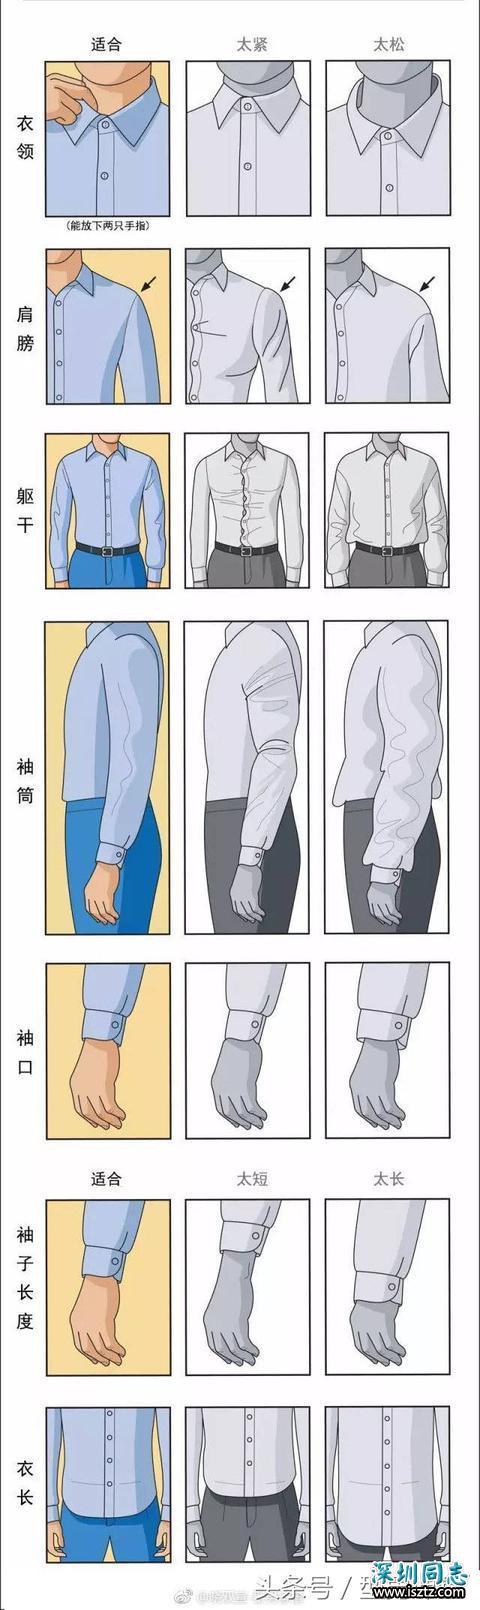 """如何挑选正装衬衫——漫谈男士正装衬衫的那些个""""讲究"""""""